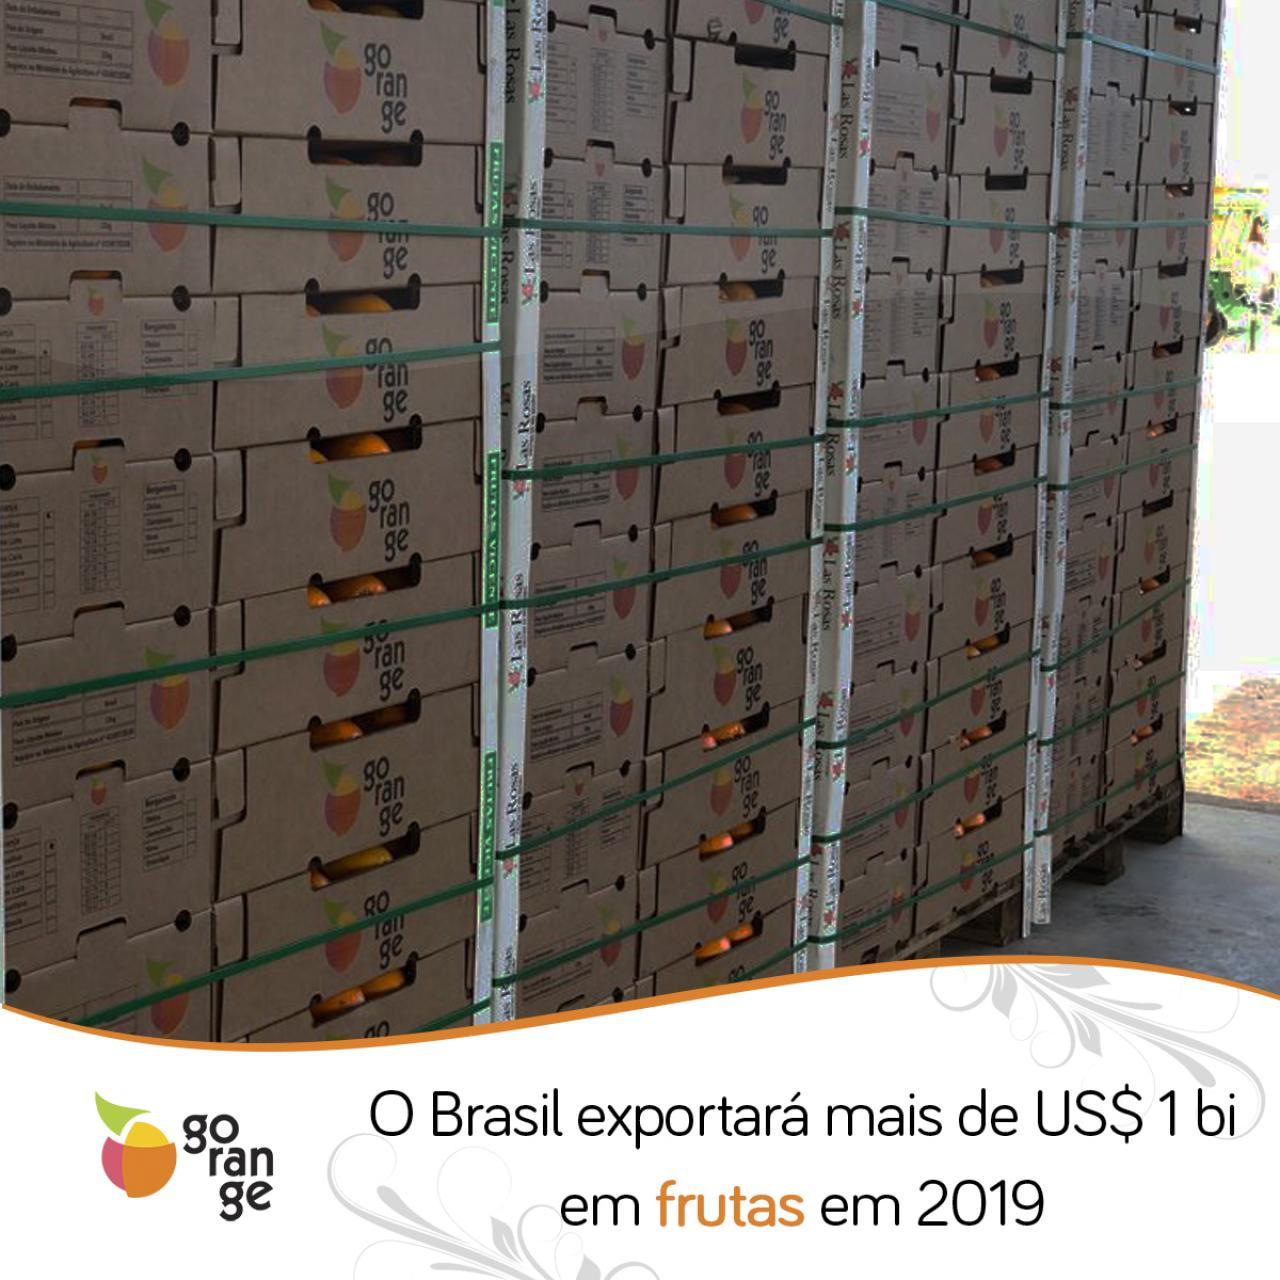 O Brasil exportará mais de US$ 1 bi em frutas em 2019